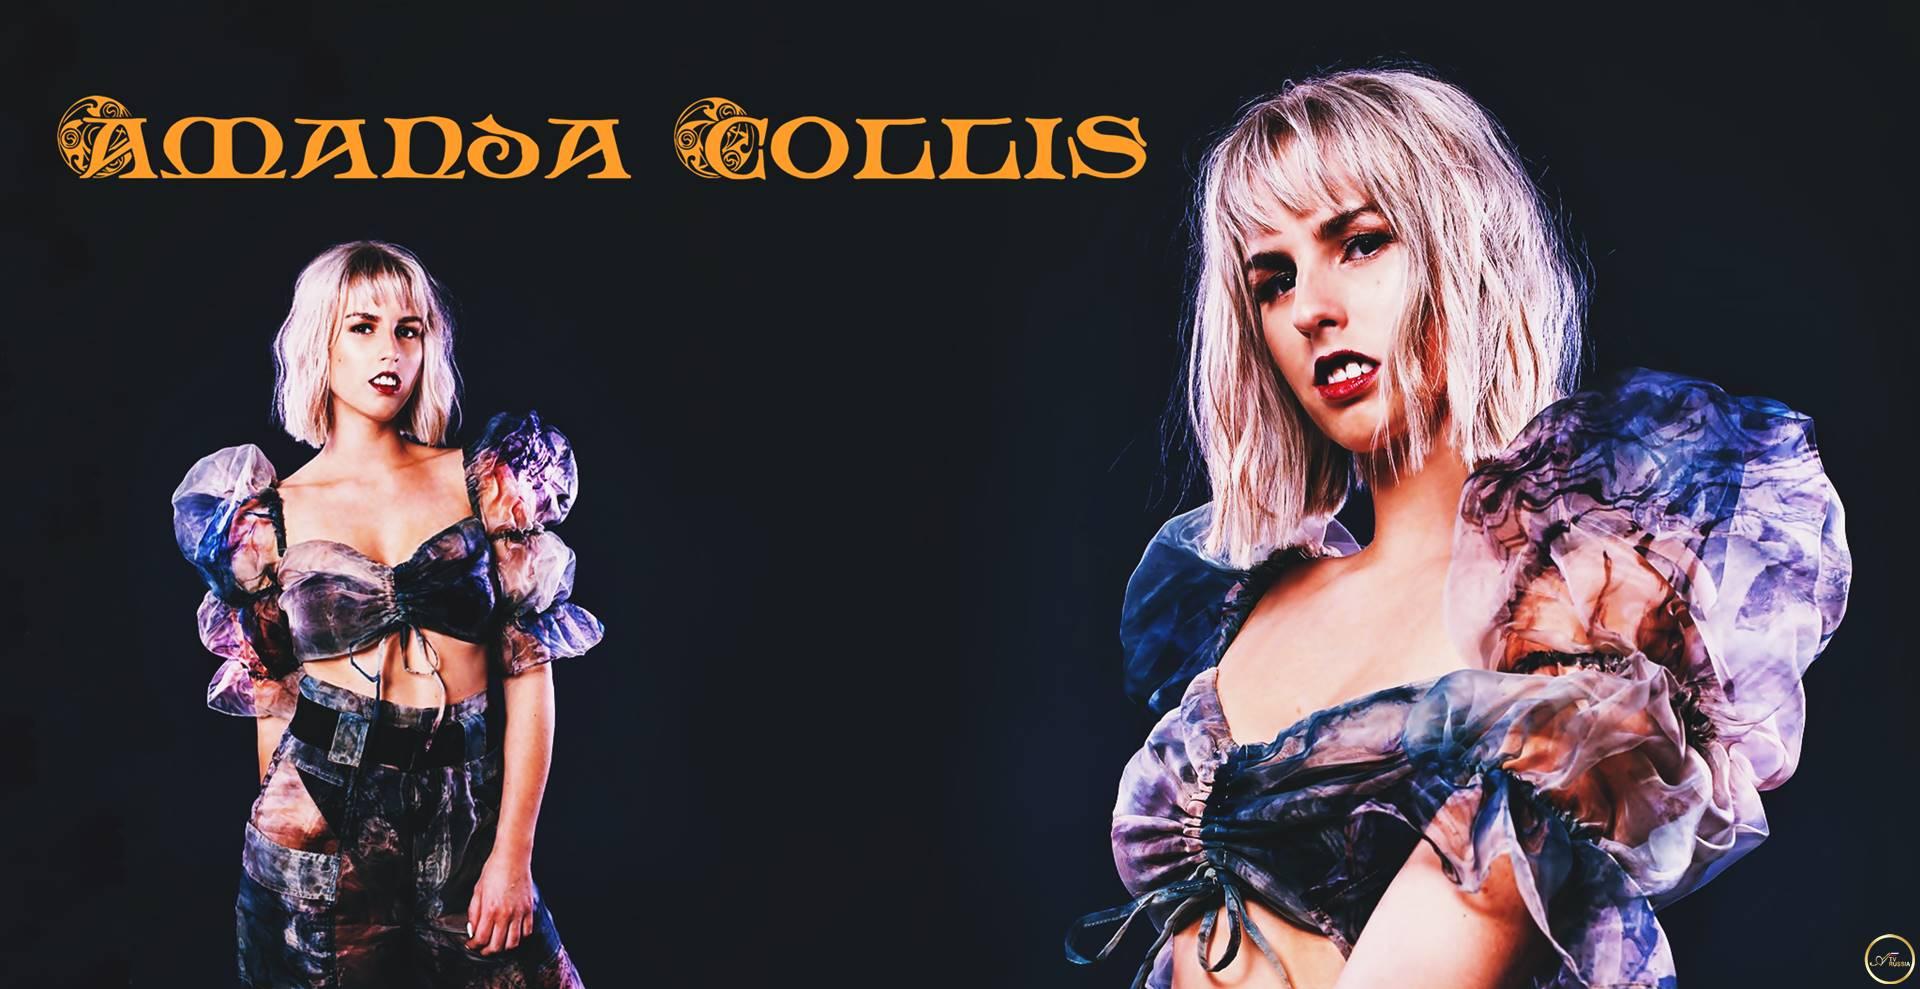 Amanda Collis